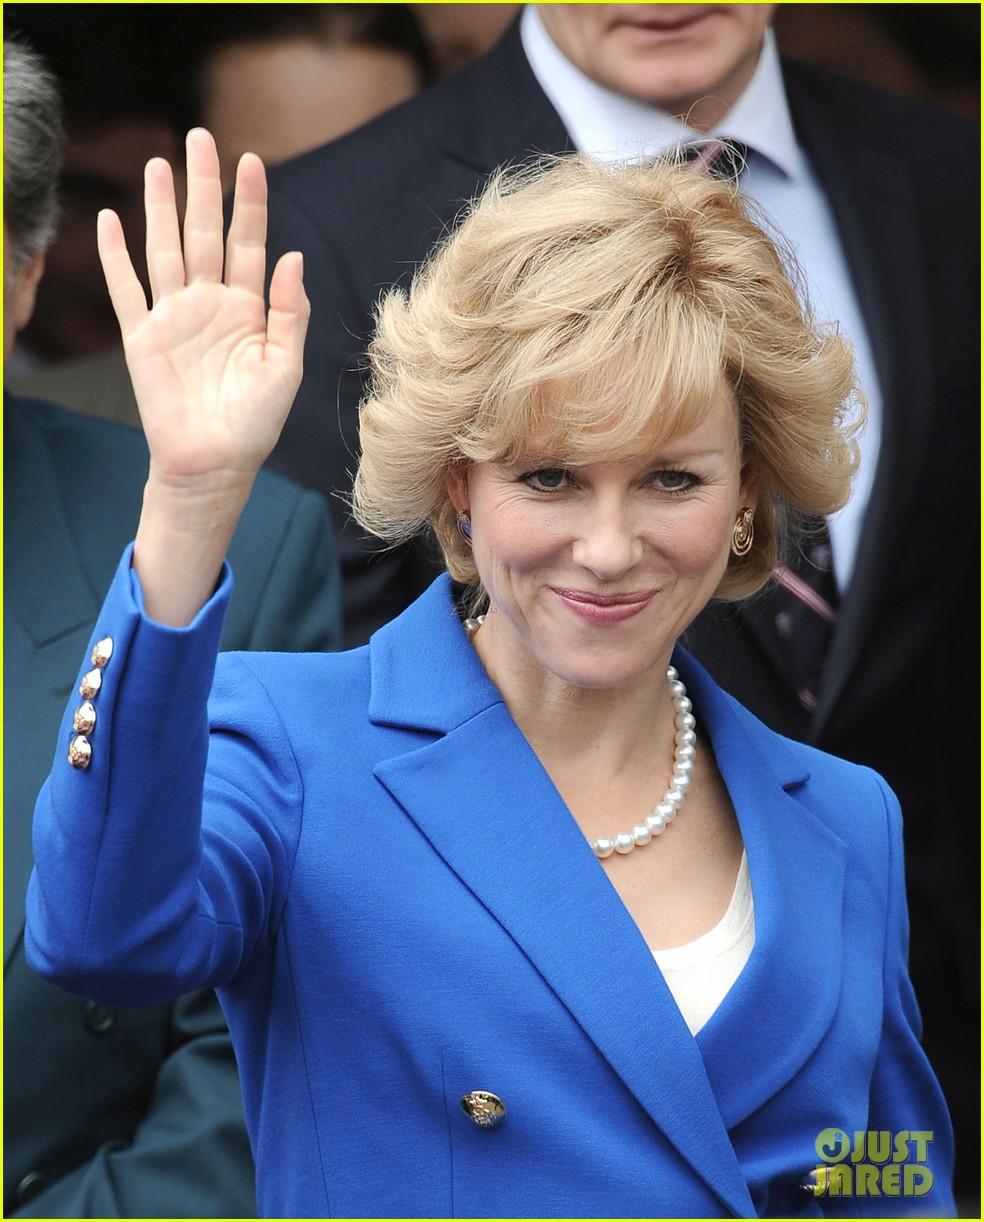 The 43-year-old actress plays the शीर्षक character, Princess Diana